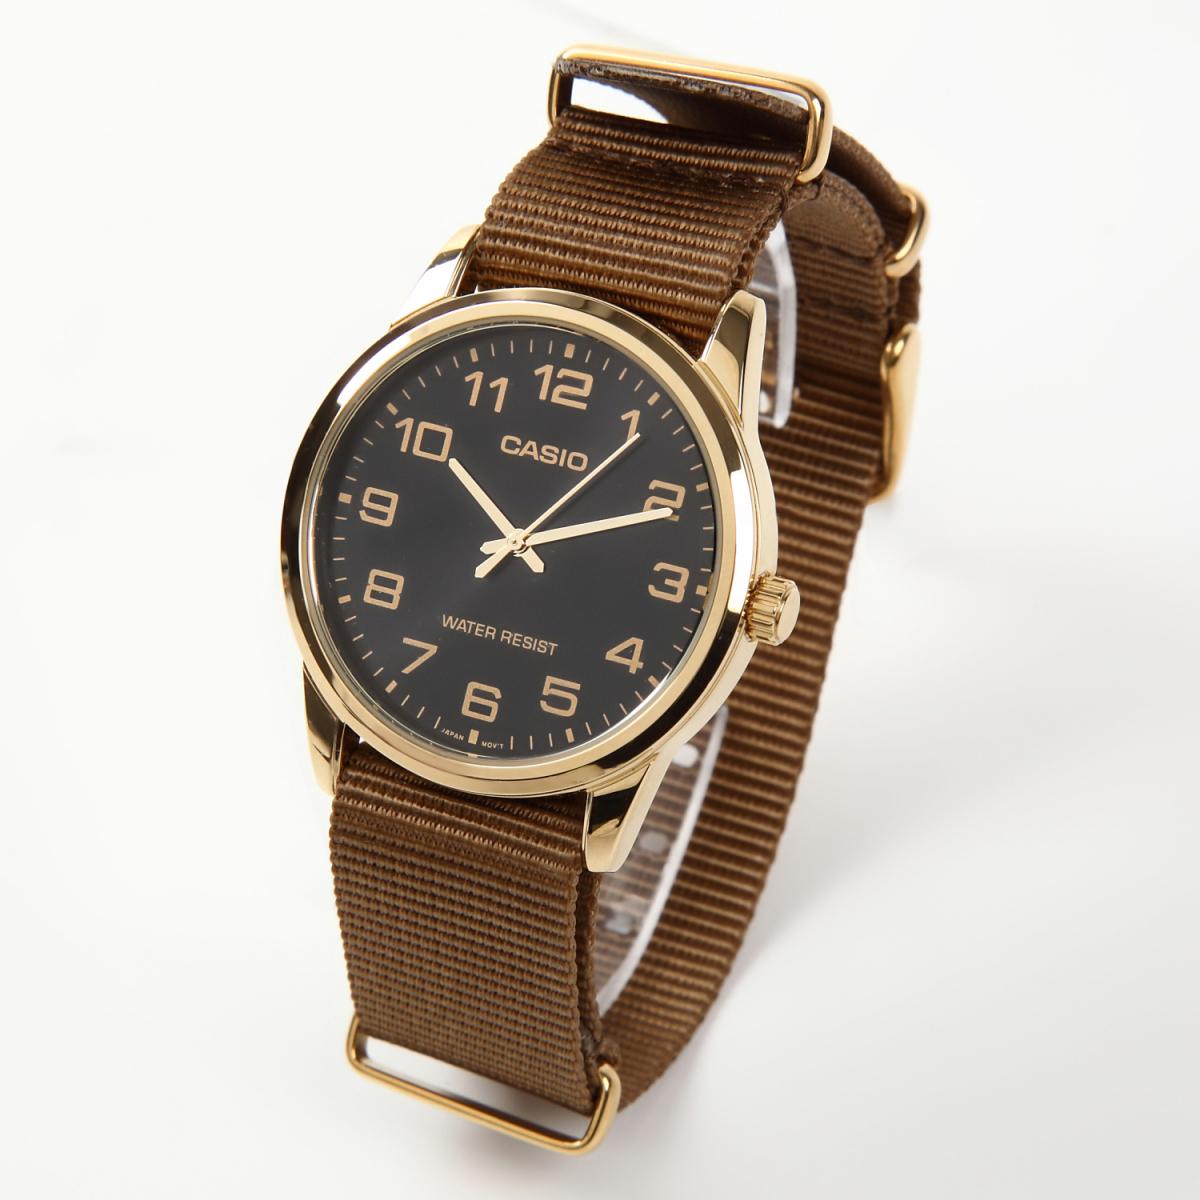 NATO タイプ 時計ベルト カーキブラウン 20mm ゴールドバックル 取付マニュアル付_画像2